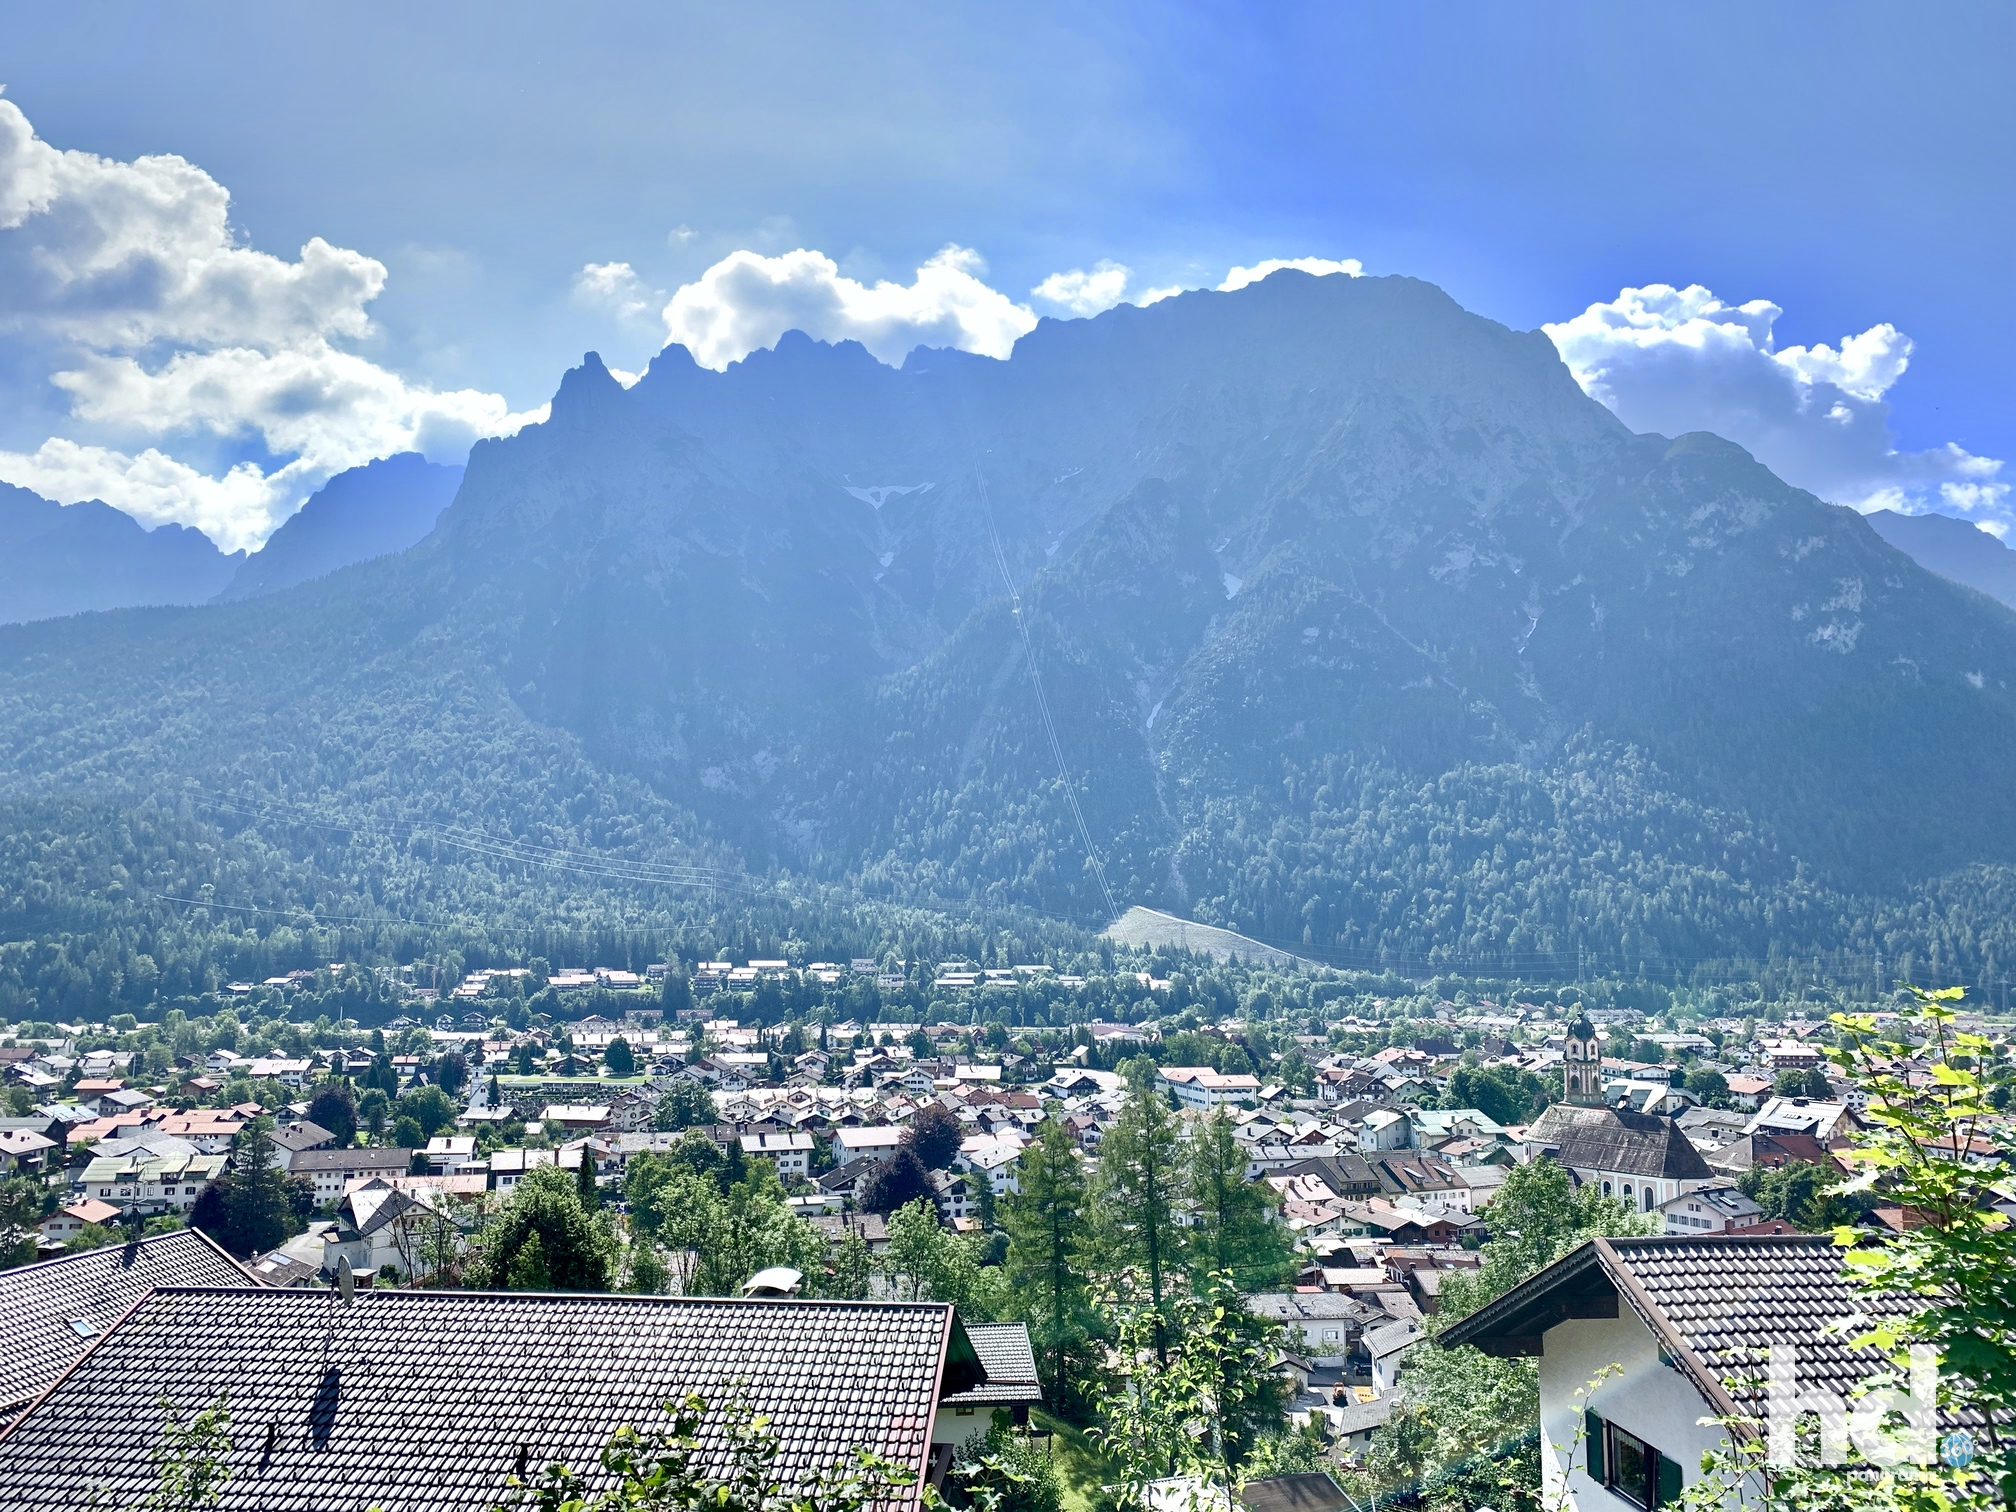 Blick auf Mittenwald von der Talstation am Kranzberg, Foto © HD-Panorama